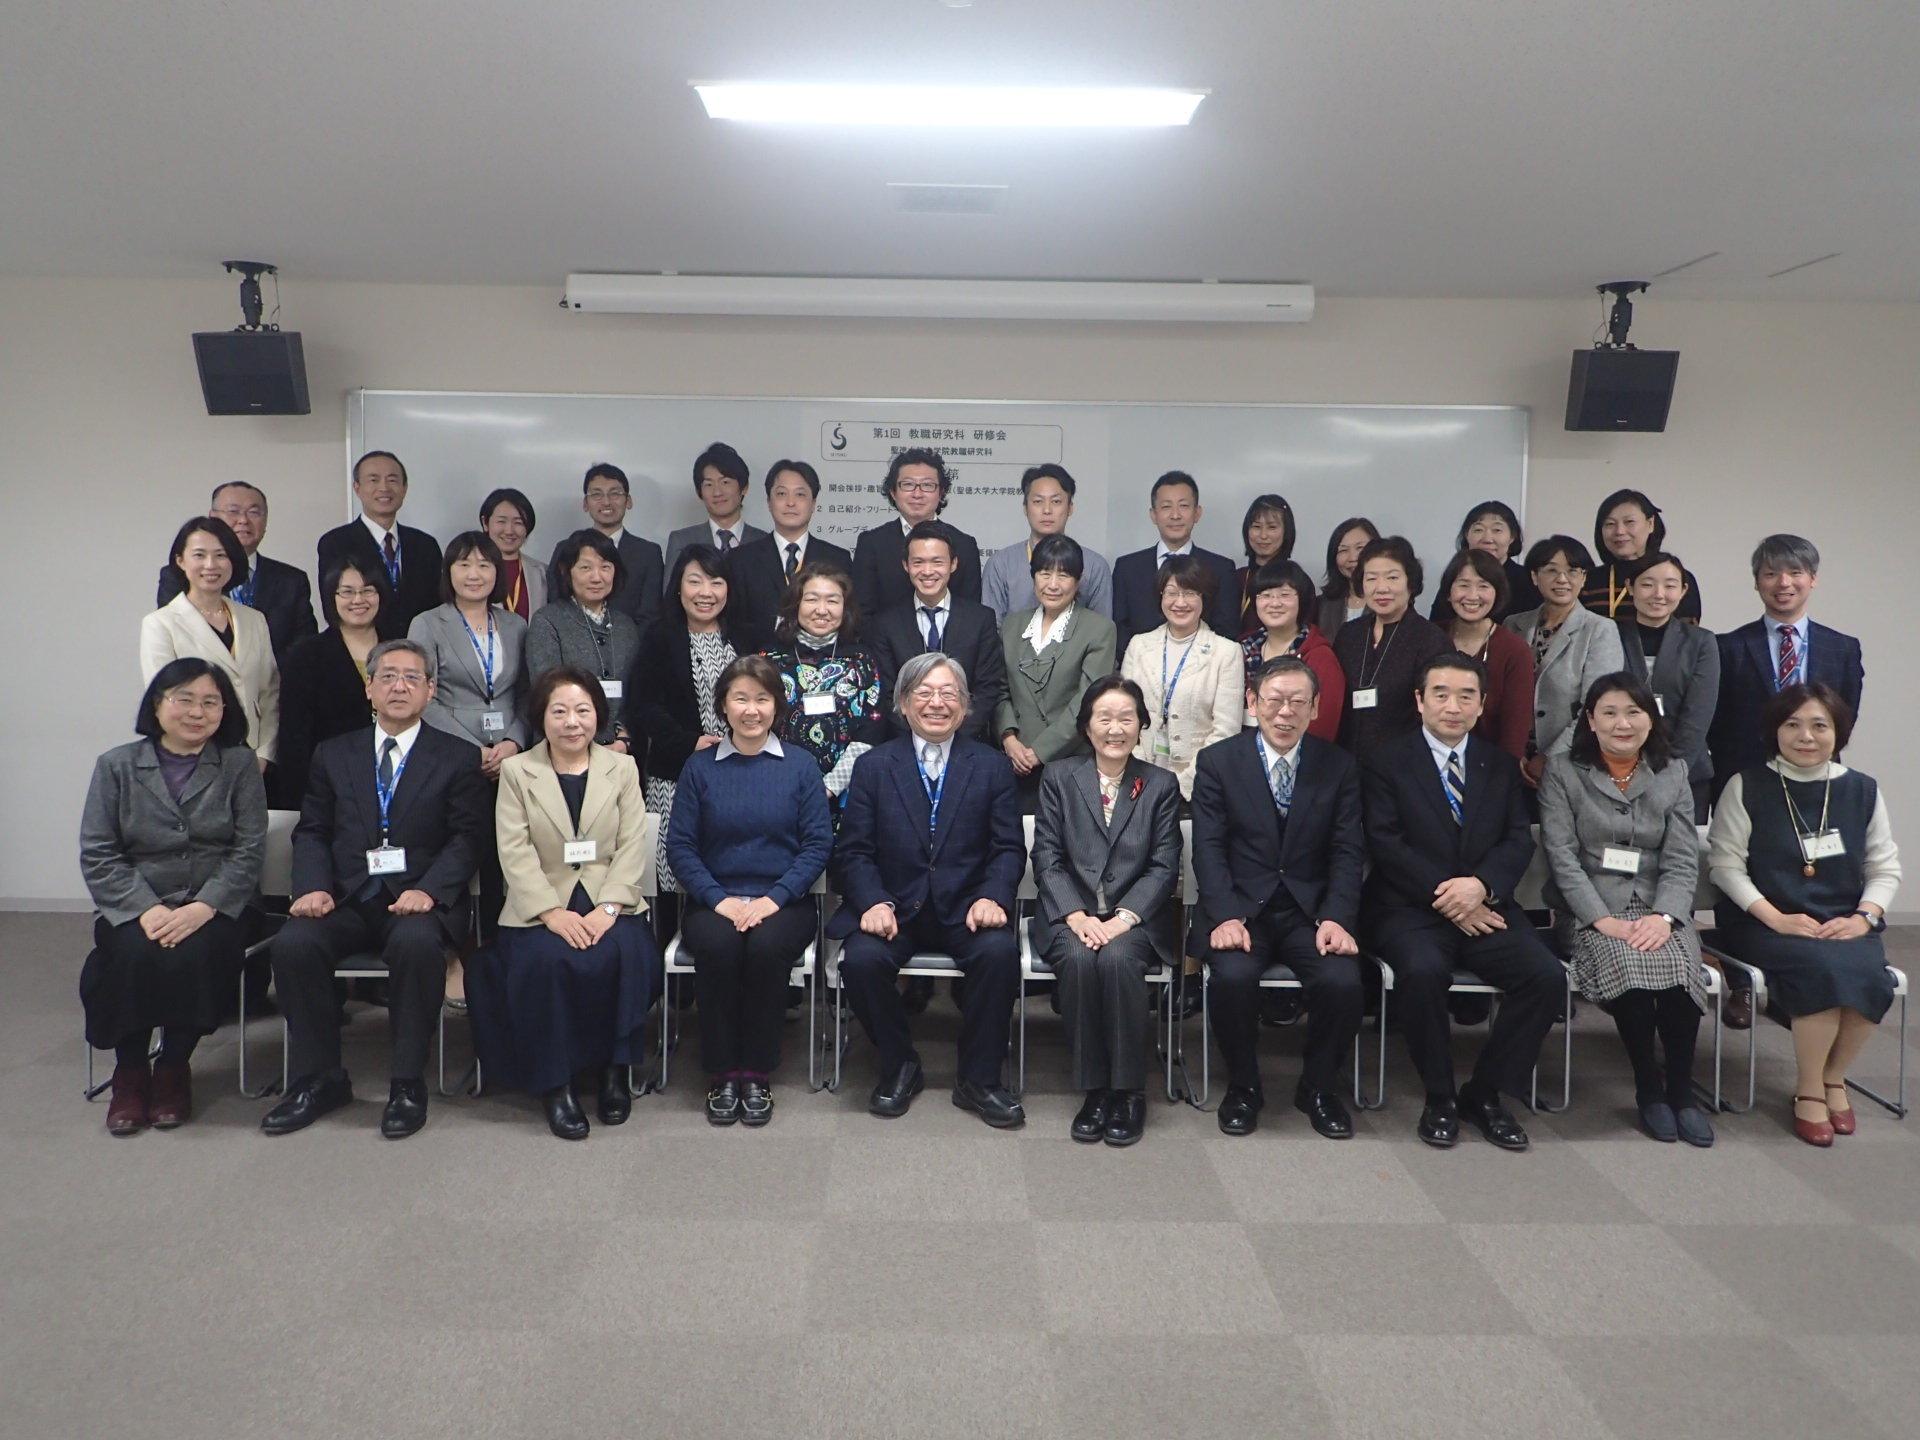 第1回「教職研究科研修会」が開催されました。